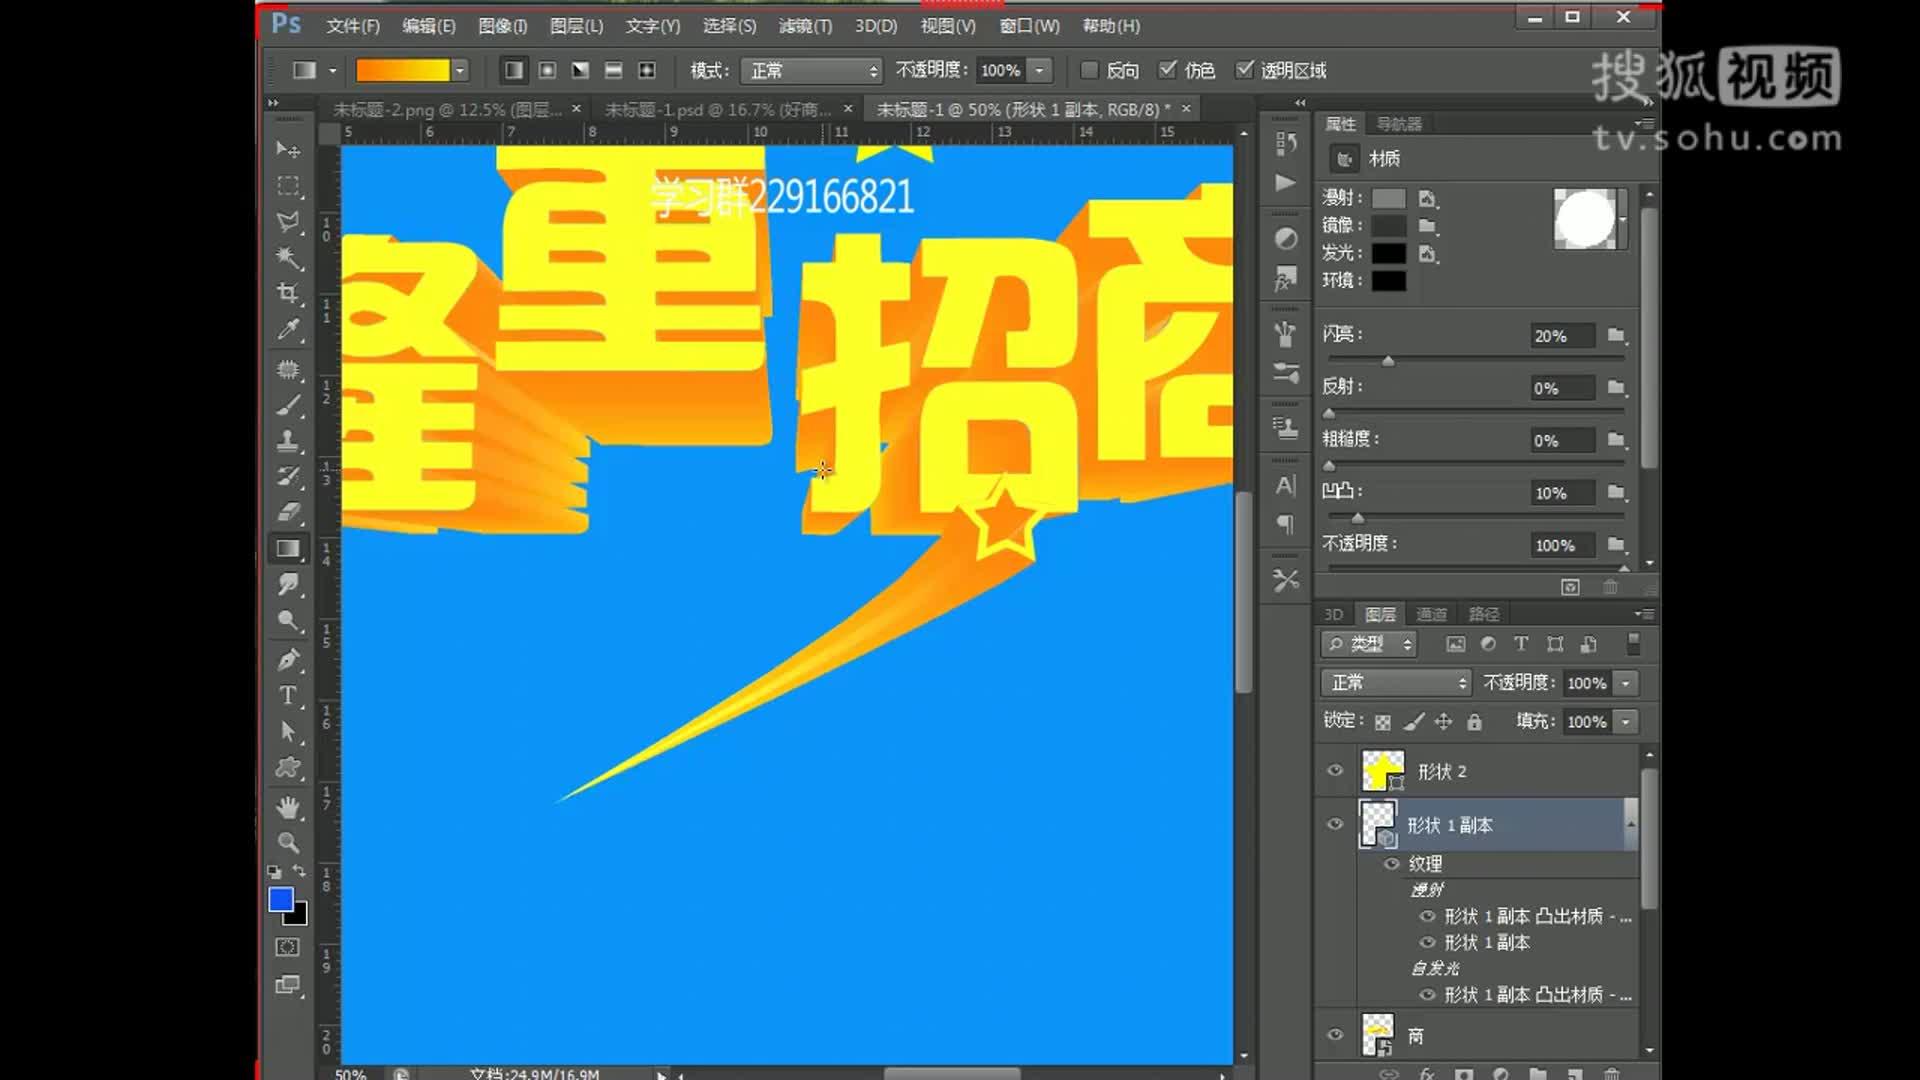 PS教程平面设计Photoshop淘宝美工 招商海报02